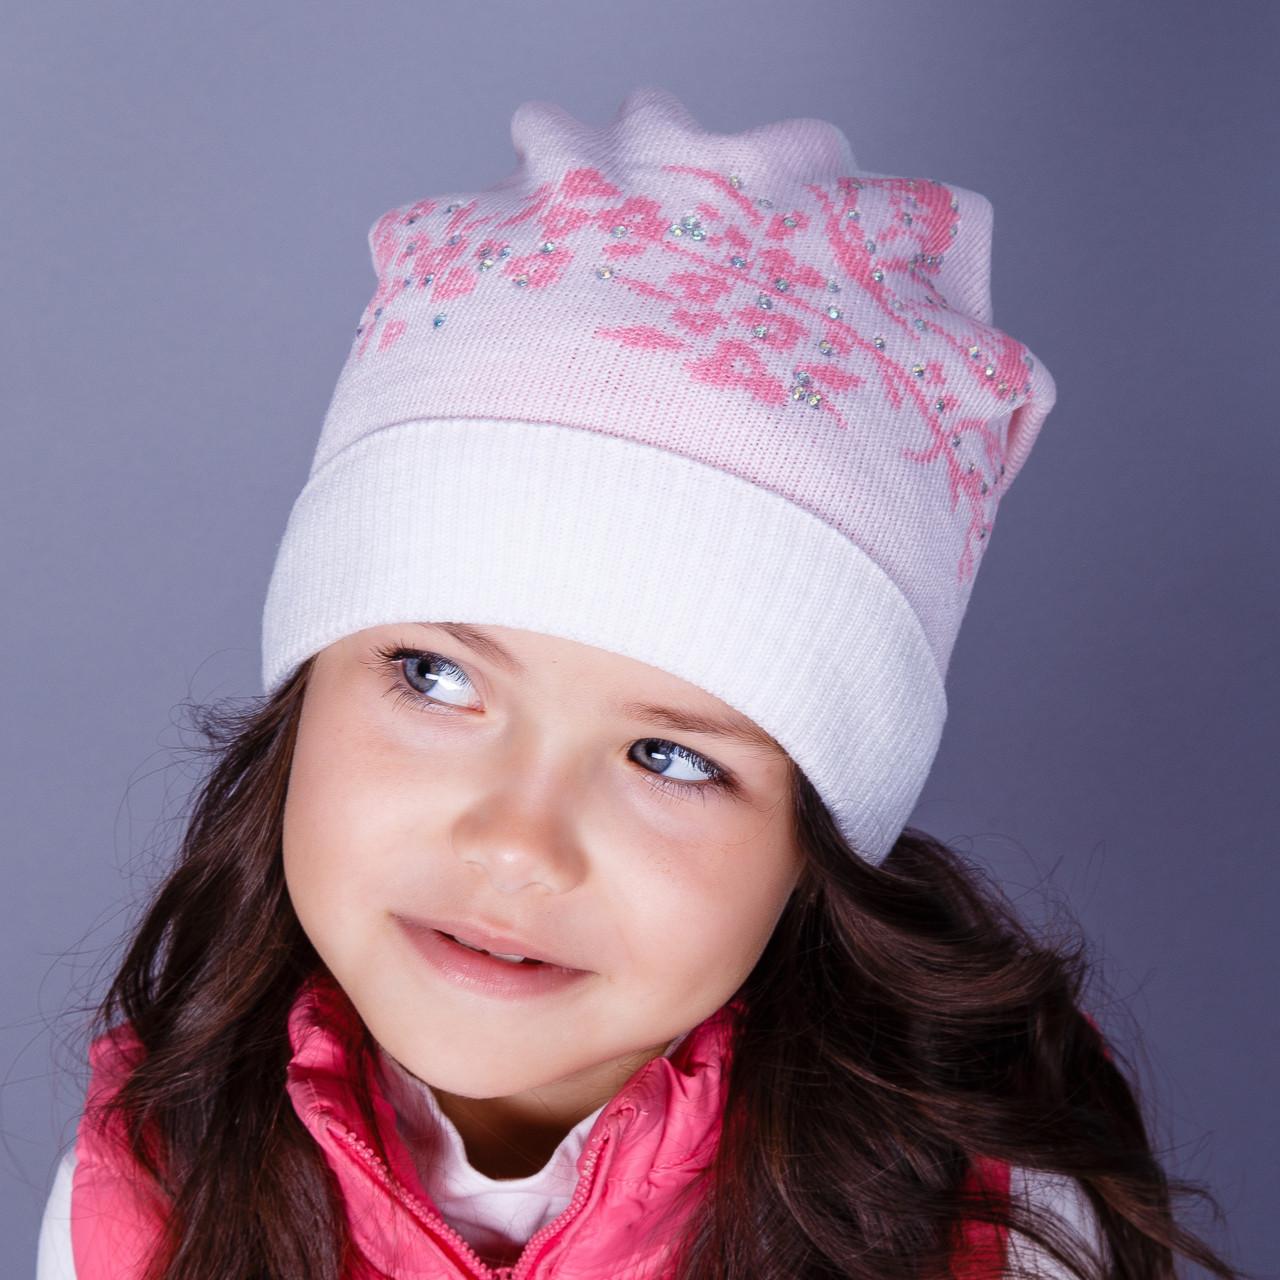 Нарядная вязанная шапка с подгибом для девочек оптом - зима  - Артикул 1511